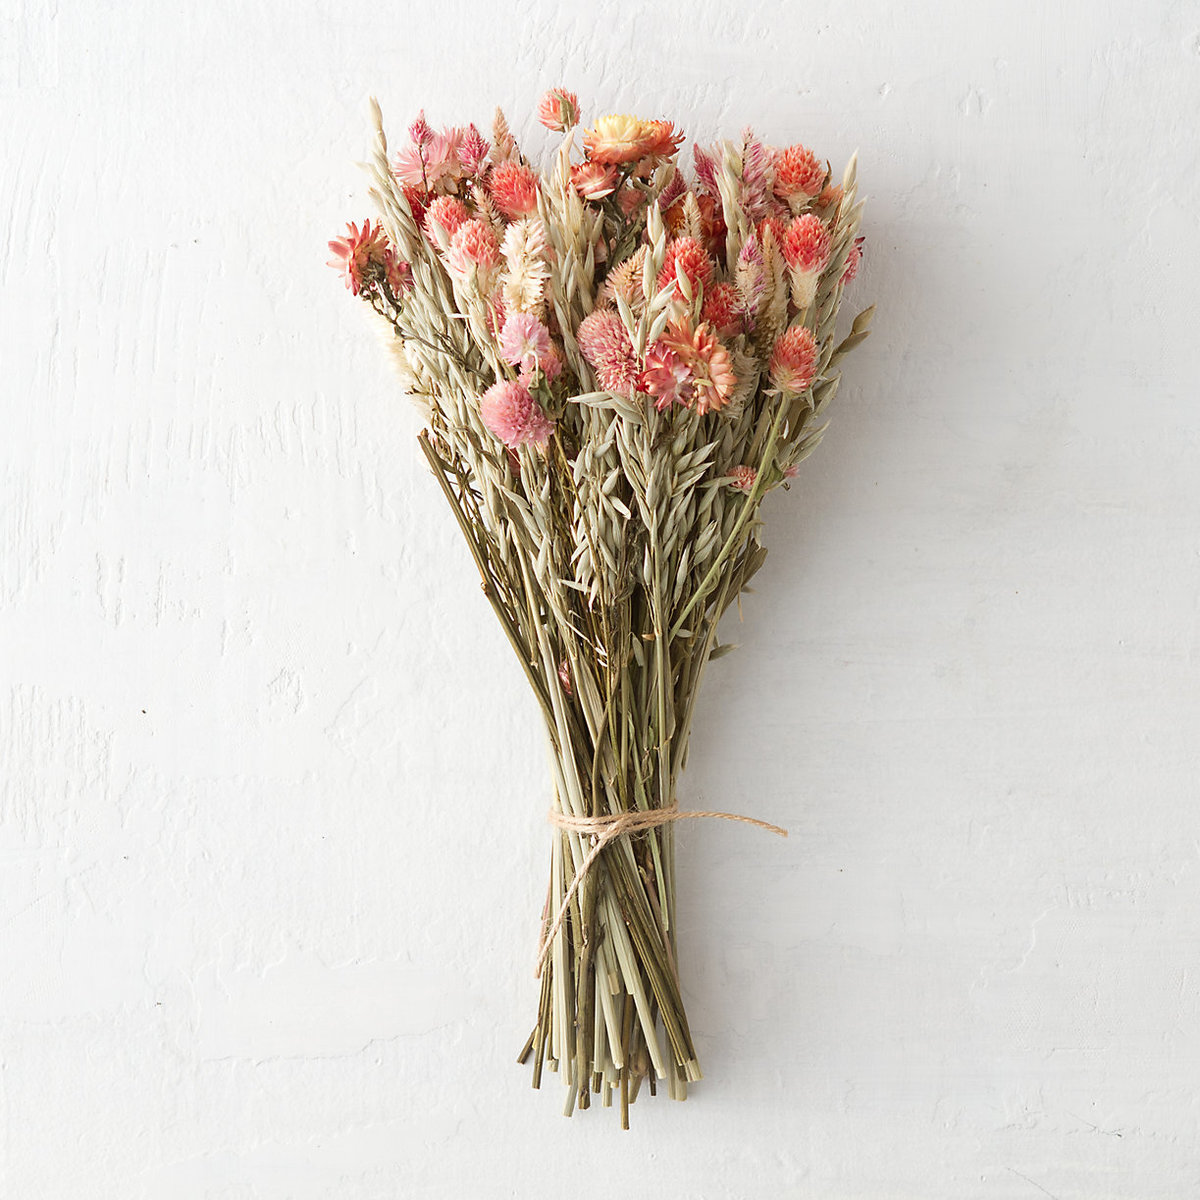 Открытки поздравления, картинки с сушеными цветами